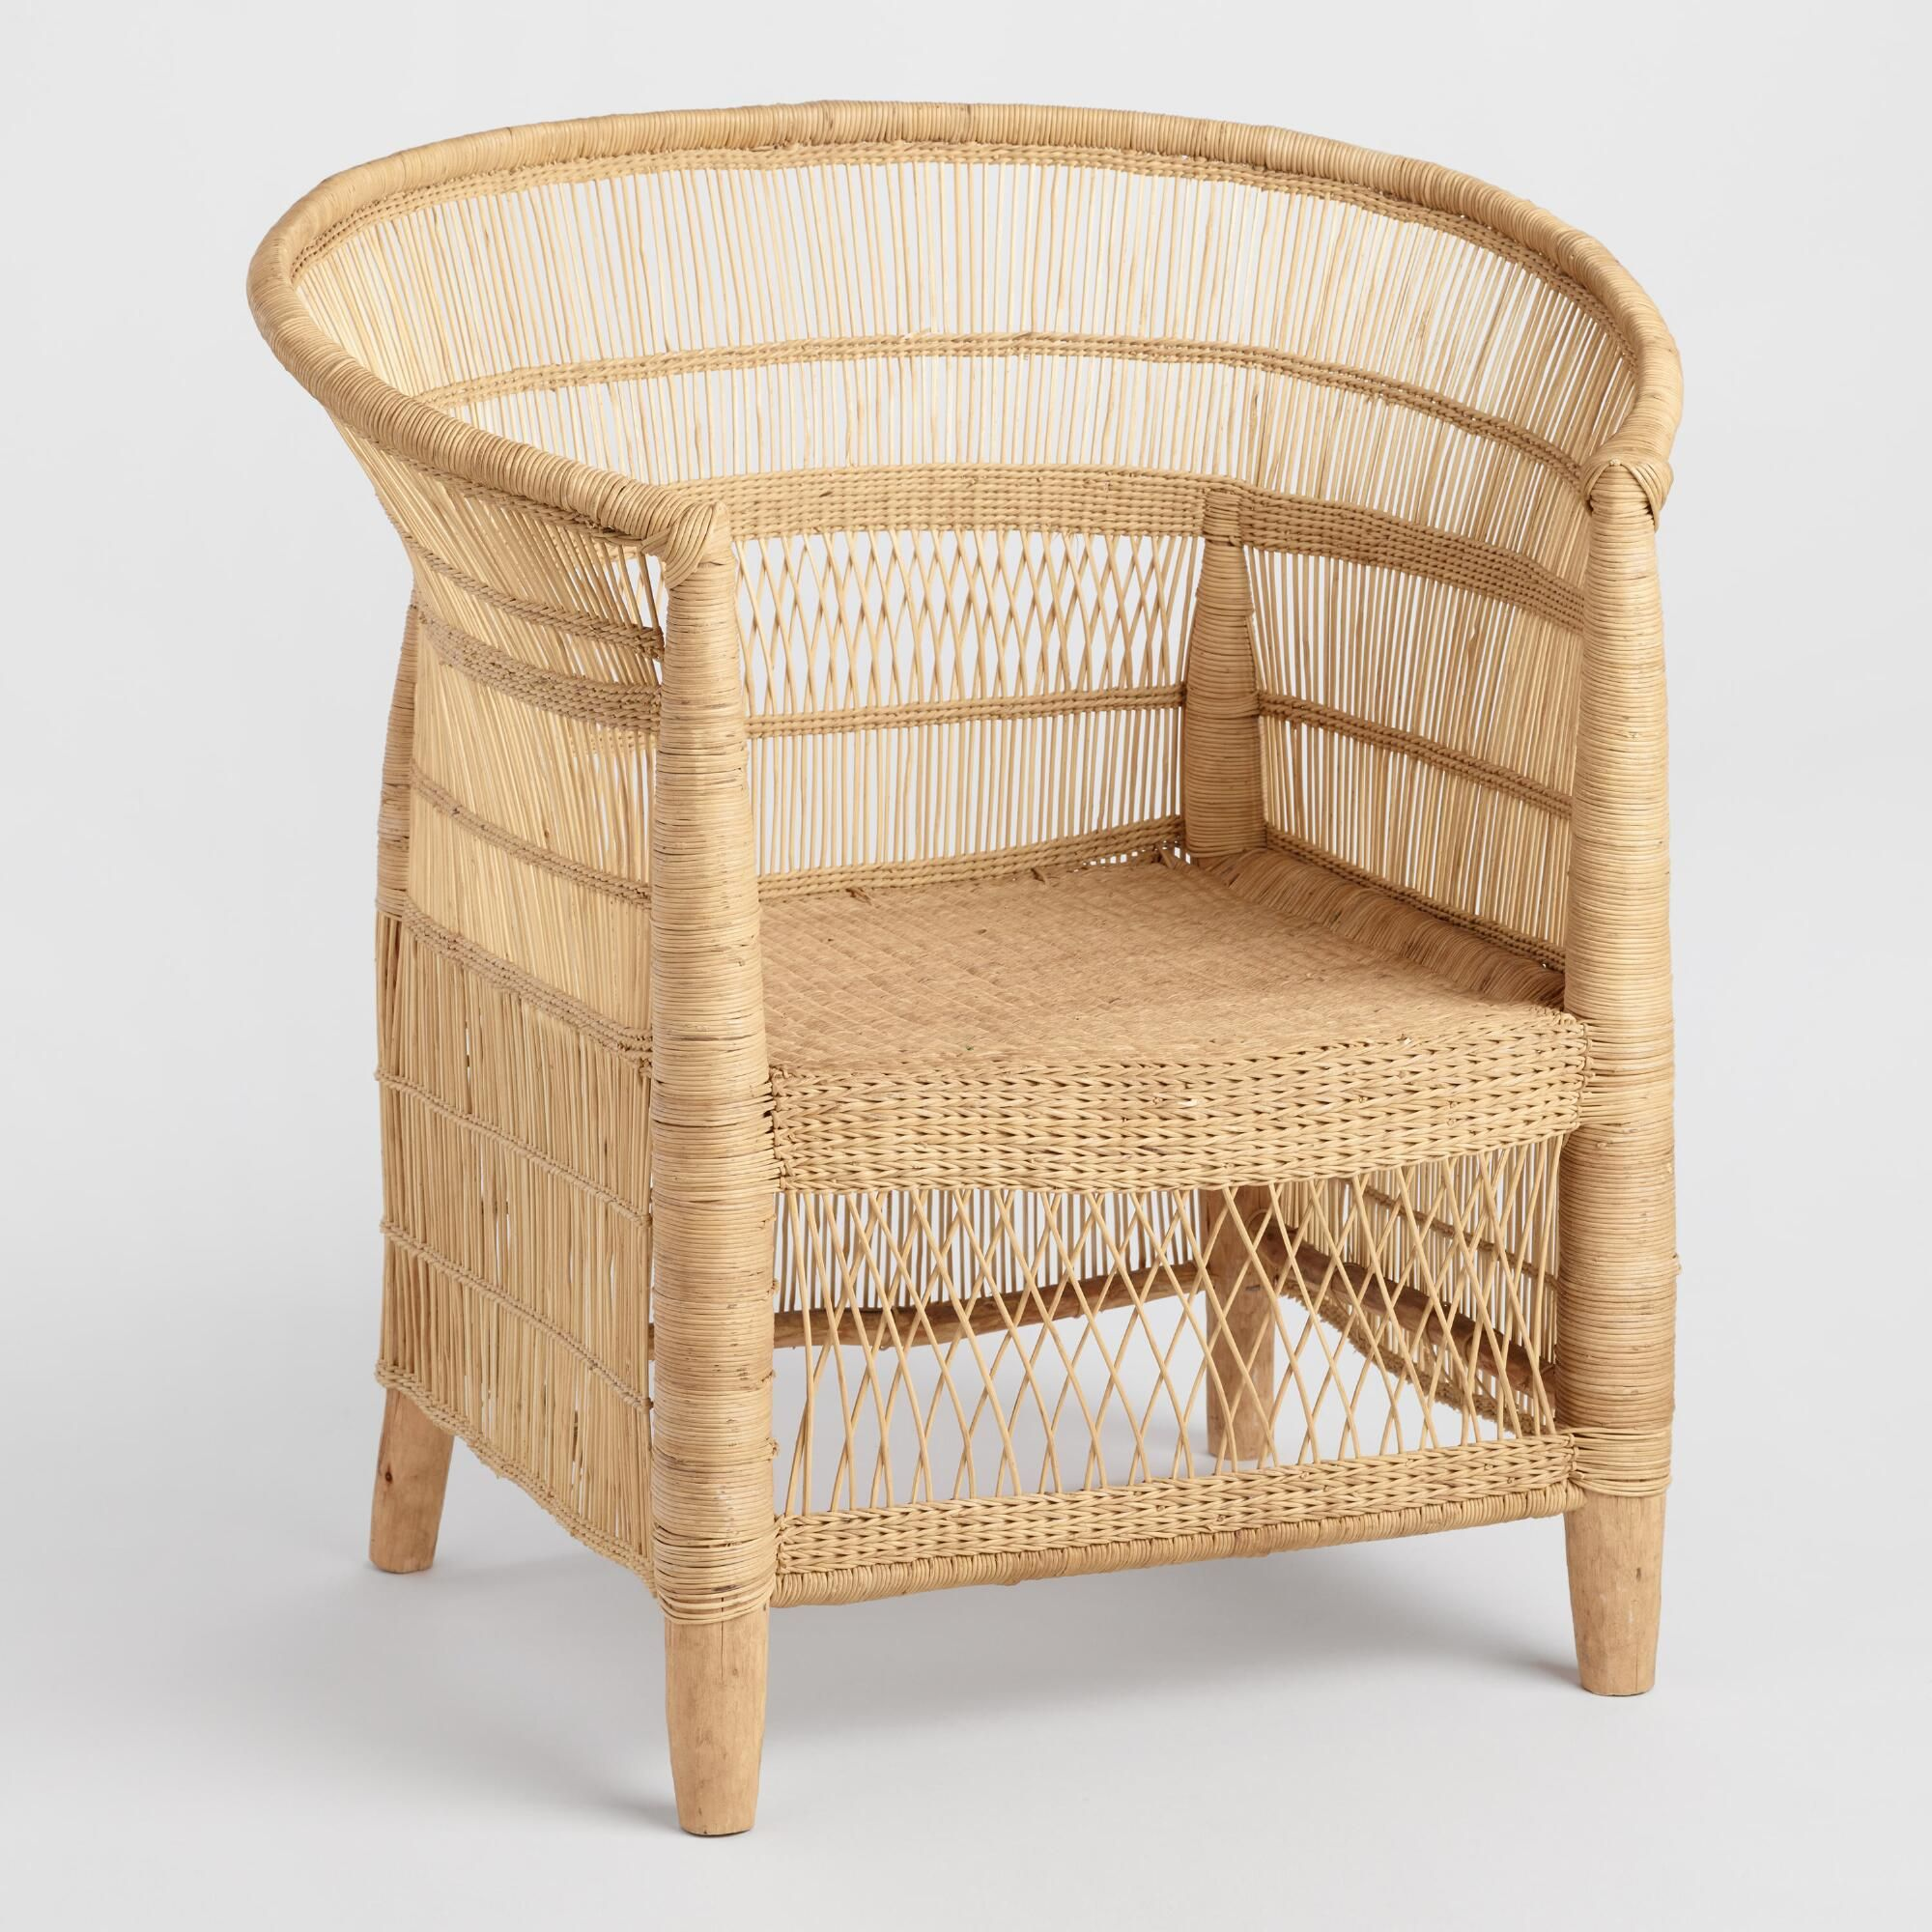 Malawi Wicker Chair By World Market